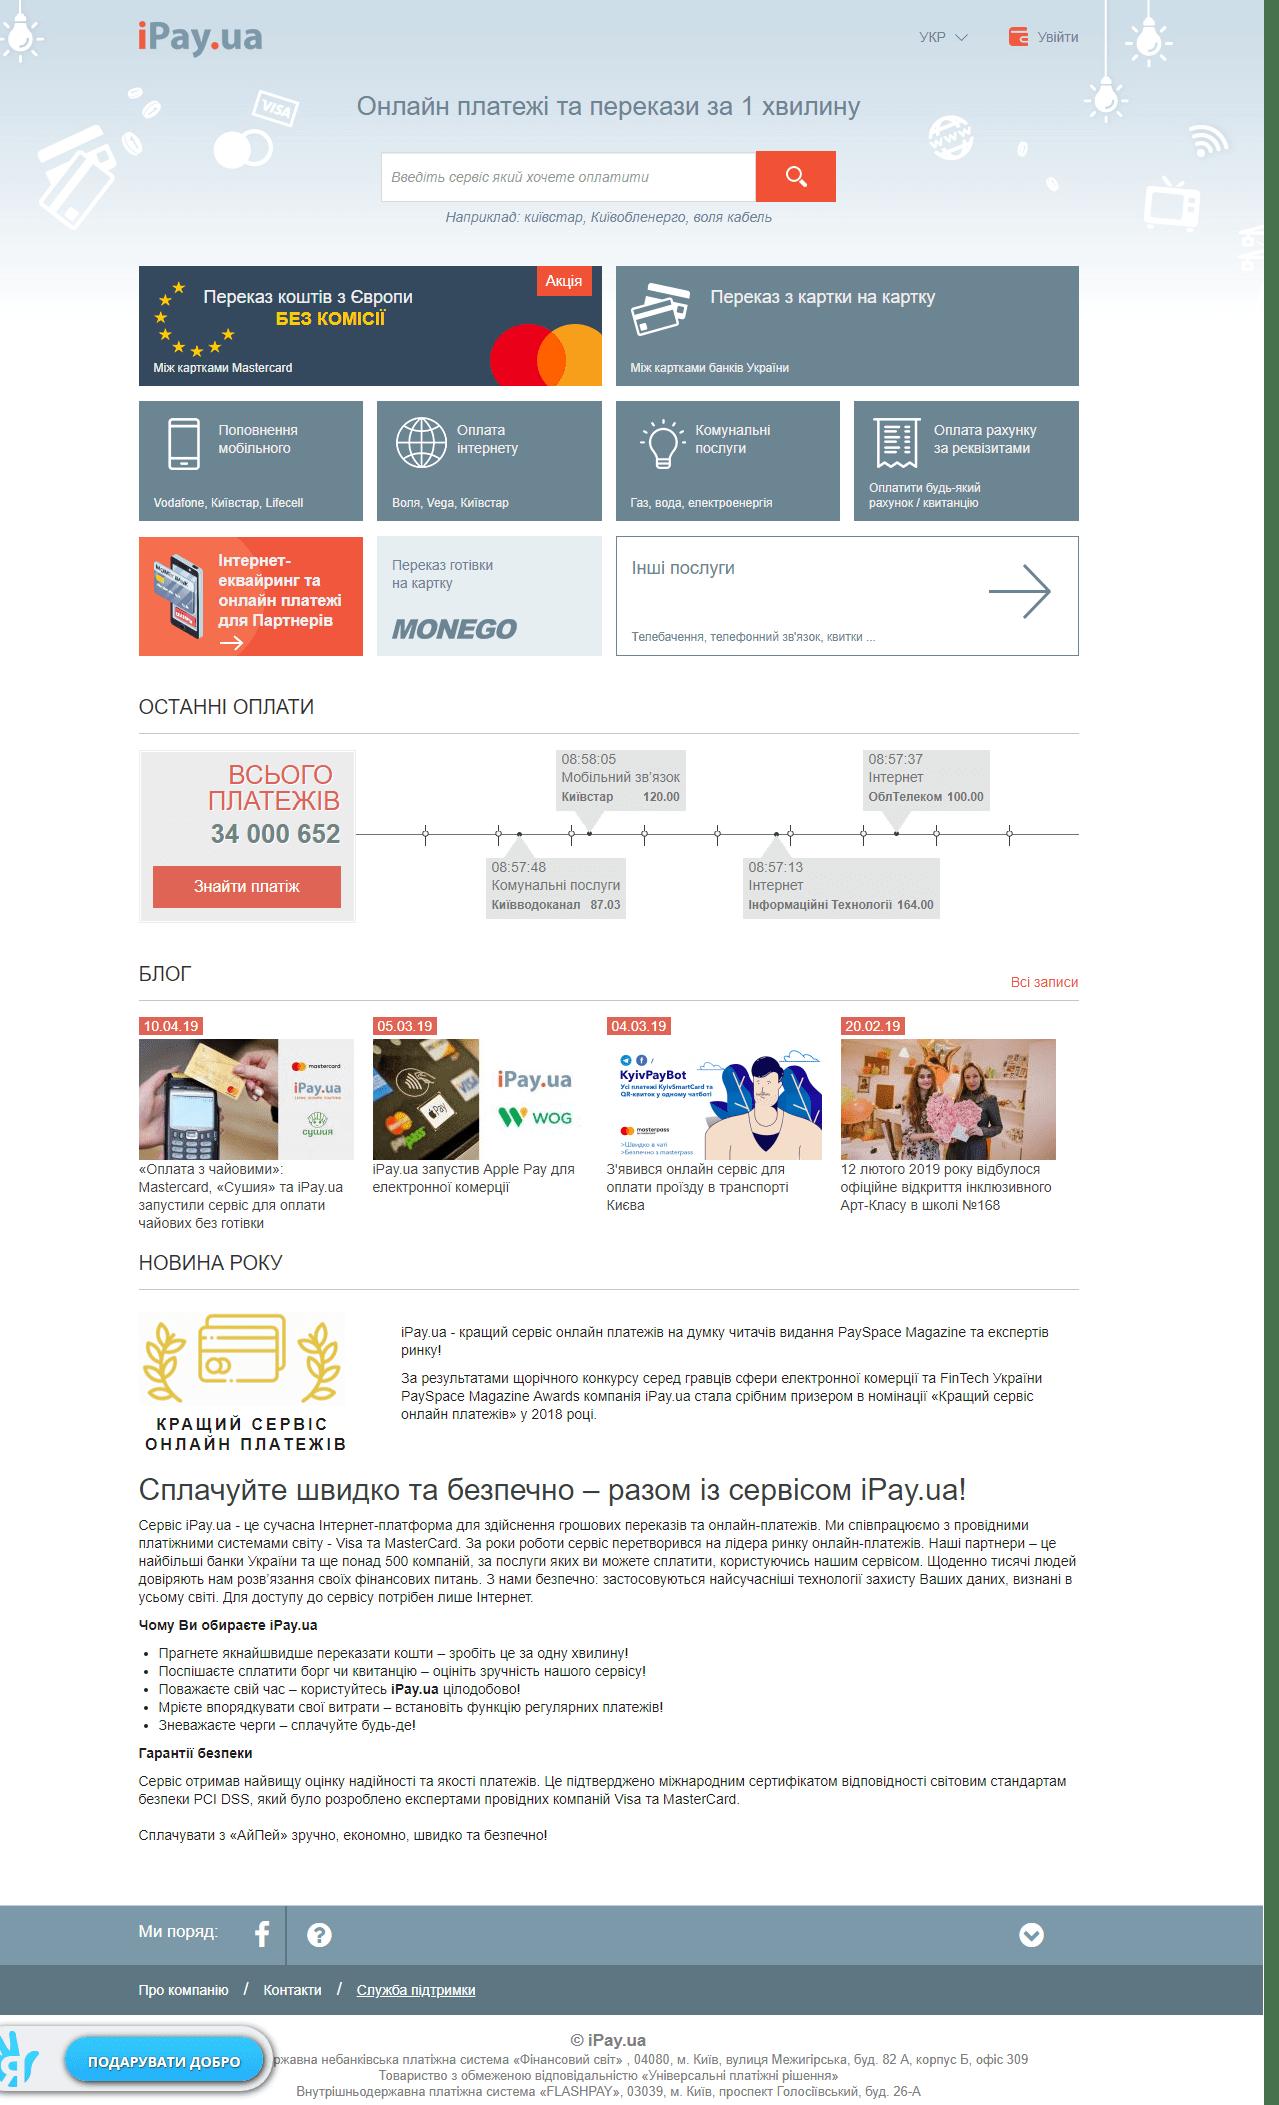 Сайт сервіс онлайн-платежів iPay.ua - відгук